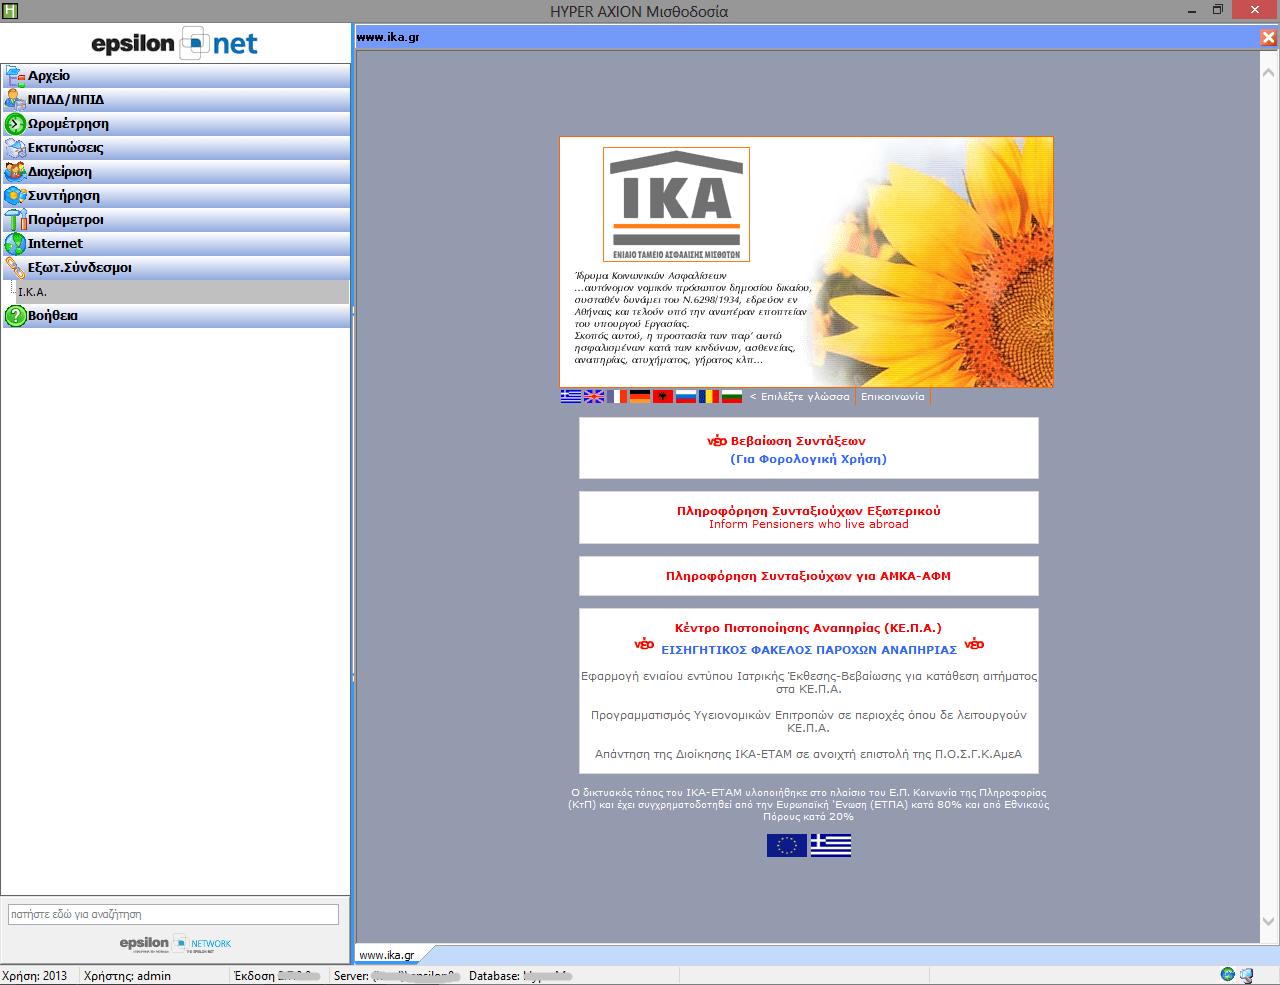 Δυνατότητα σύνδεσης με επιλεγμένες ιστοσελίδες